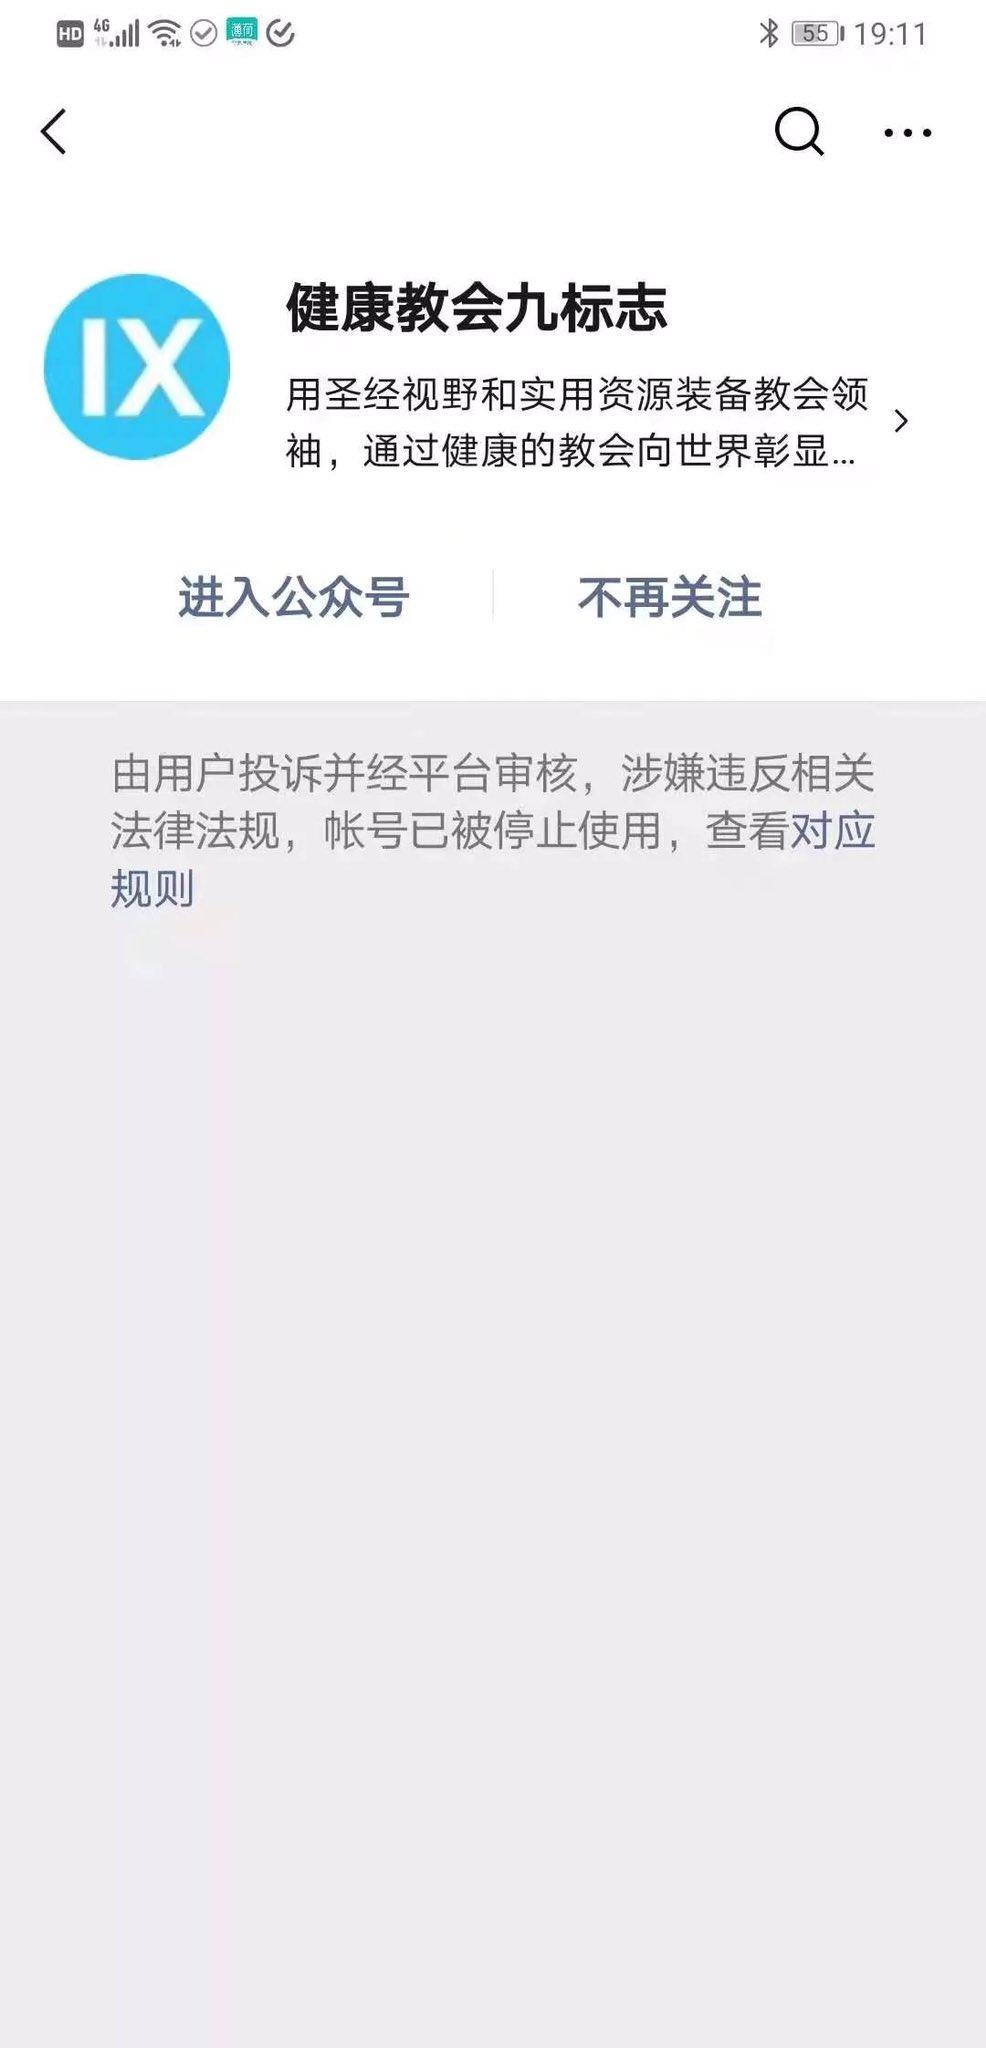 """被封禁的基督教公众号。(来自""""华人基督徒公义团契""""推特账号)"""